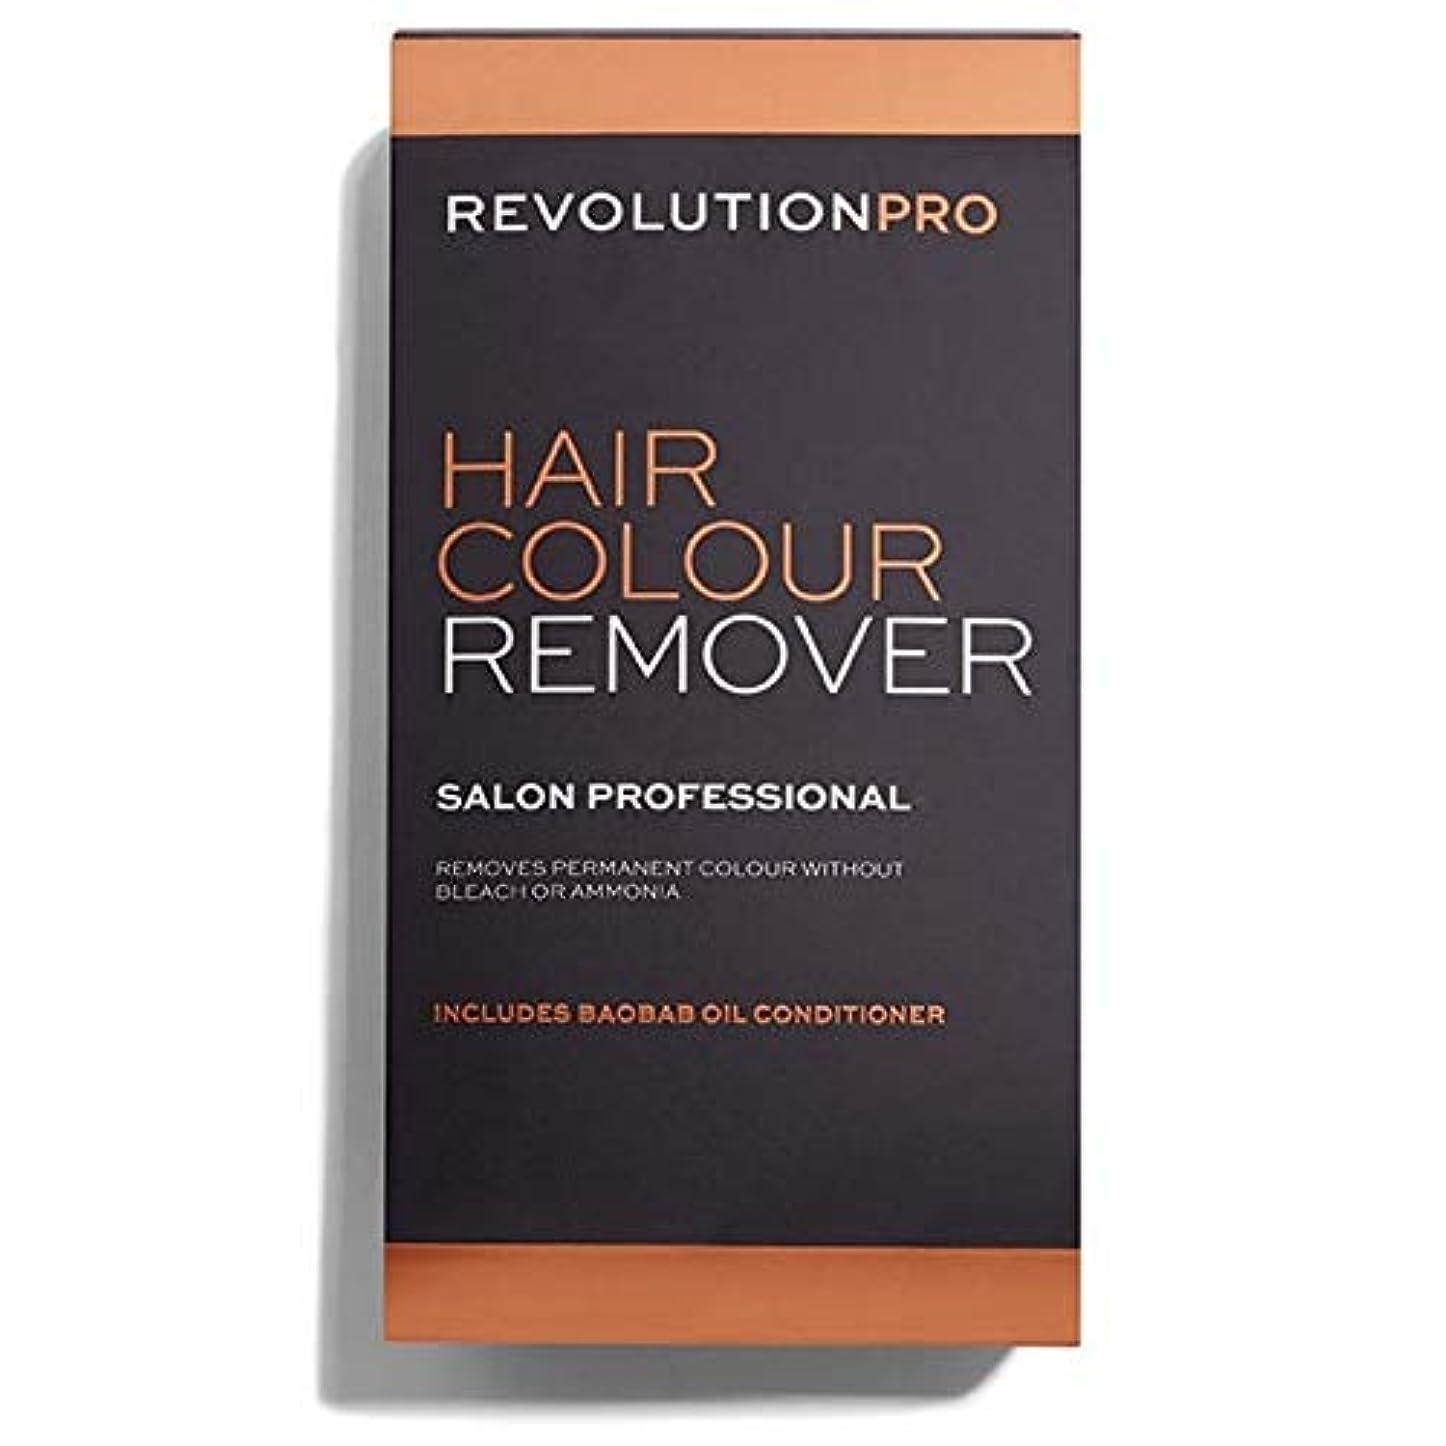 欠陥克服するアフリカ[Hair Revolution] 革命プロのヘアカラーリムーバー - Revolution PRO Hair Colour Remover [並行輸入品]